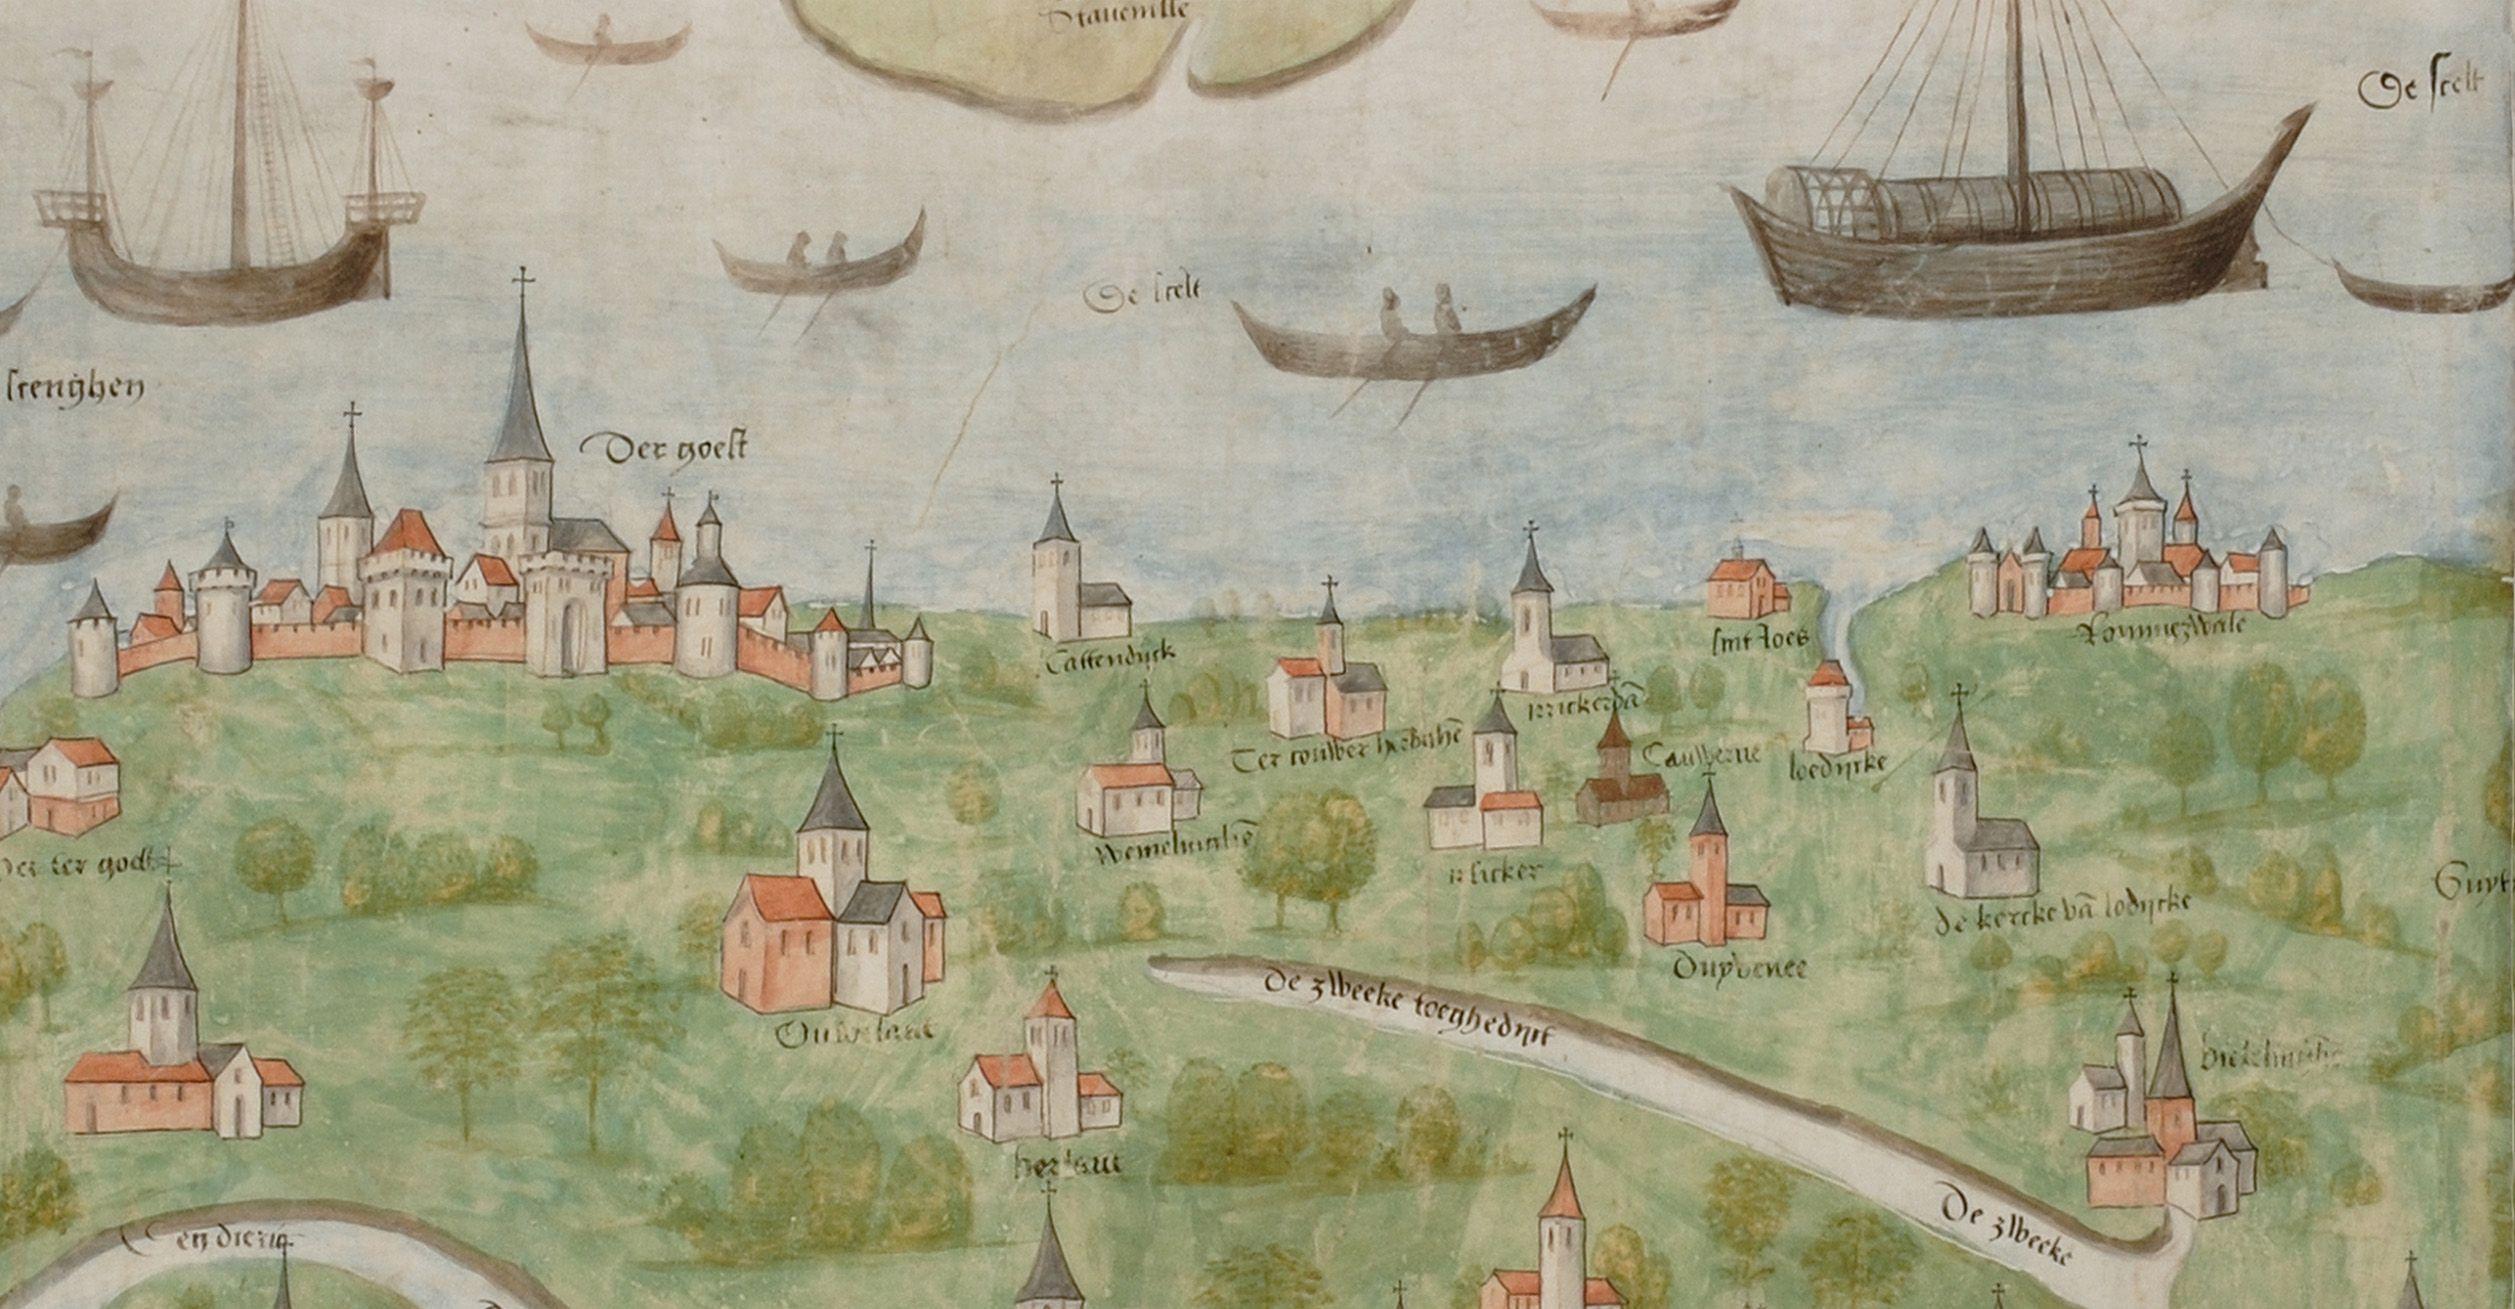 Deel van Zuid-Beveland met (topografisch niet correcte) weergave van Goes en Reimerswaal (Rommerswale); Lodijke ligt ten zuidwesten van Reimerswaal. Uitsnede Scheldekaart, 1504/05.